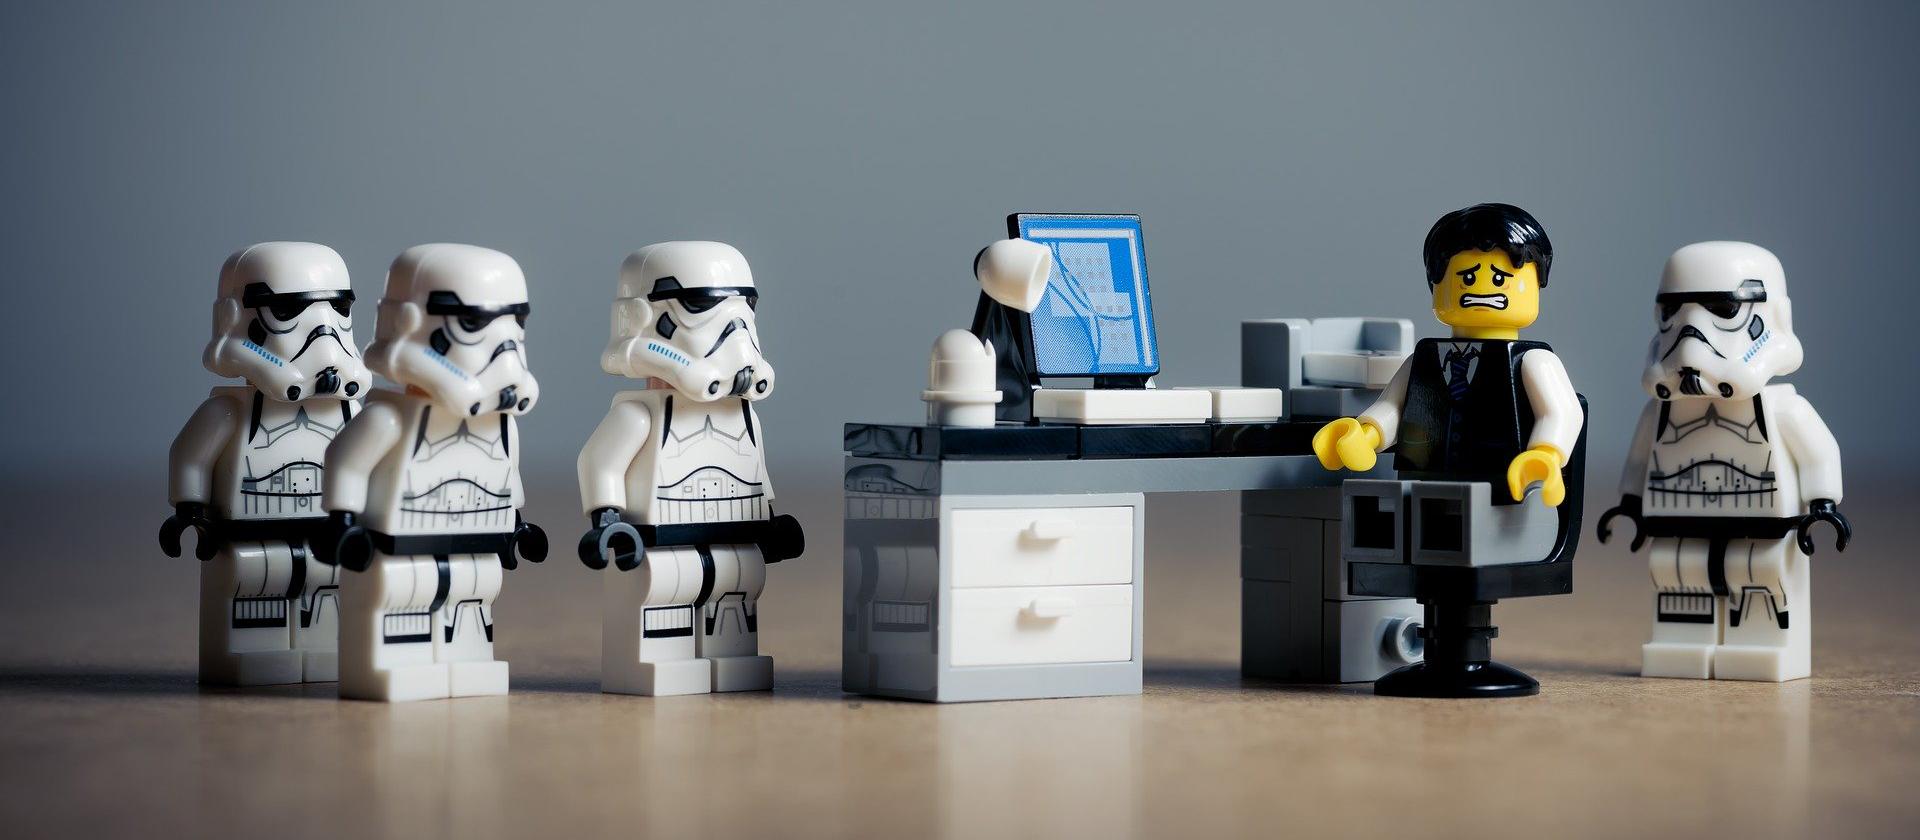 Soldados de asalto LEGO rodeando a alguien en un escritorio